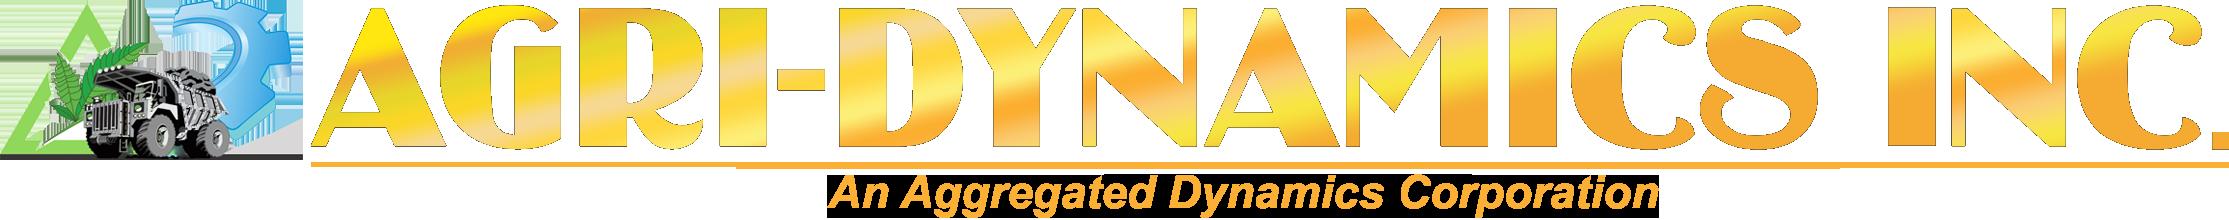 AGRI-DYNAMICS INC. Logo